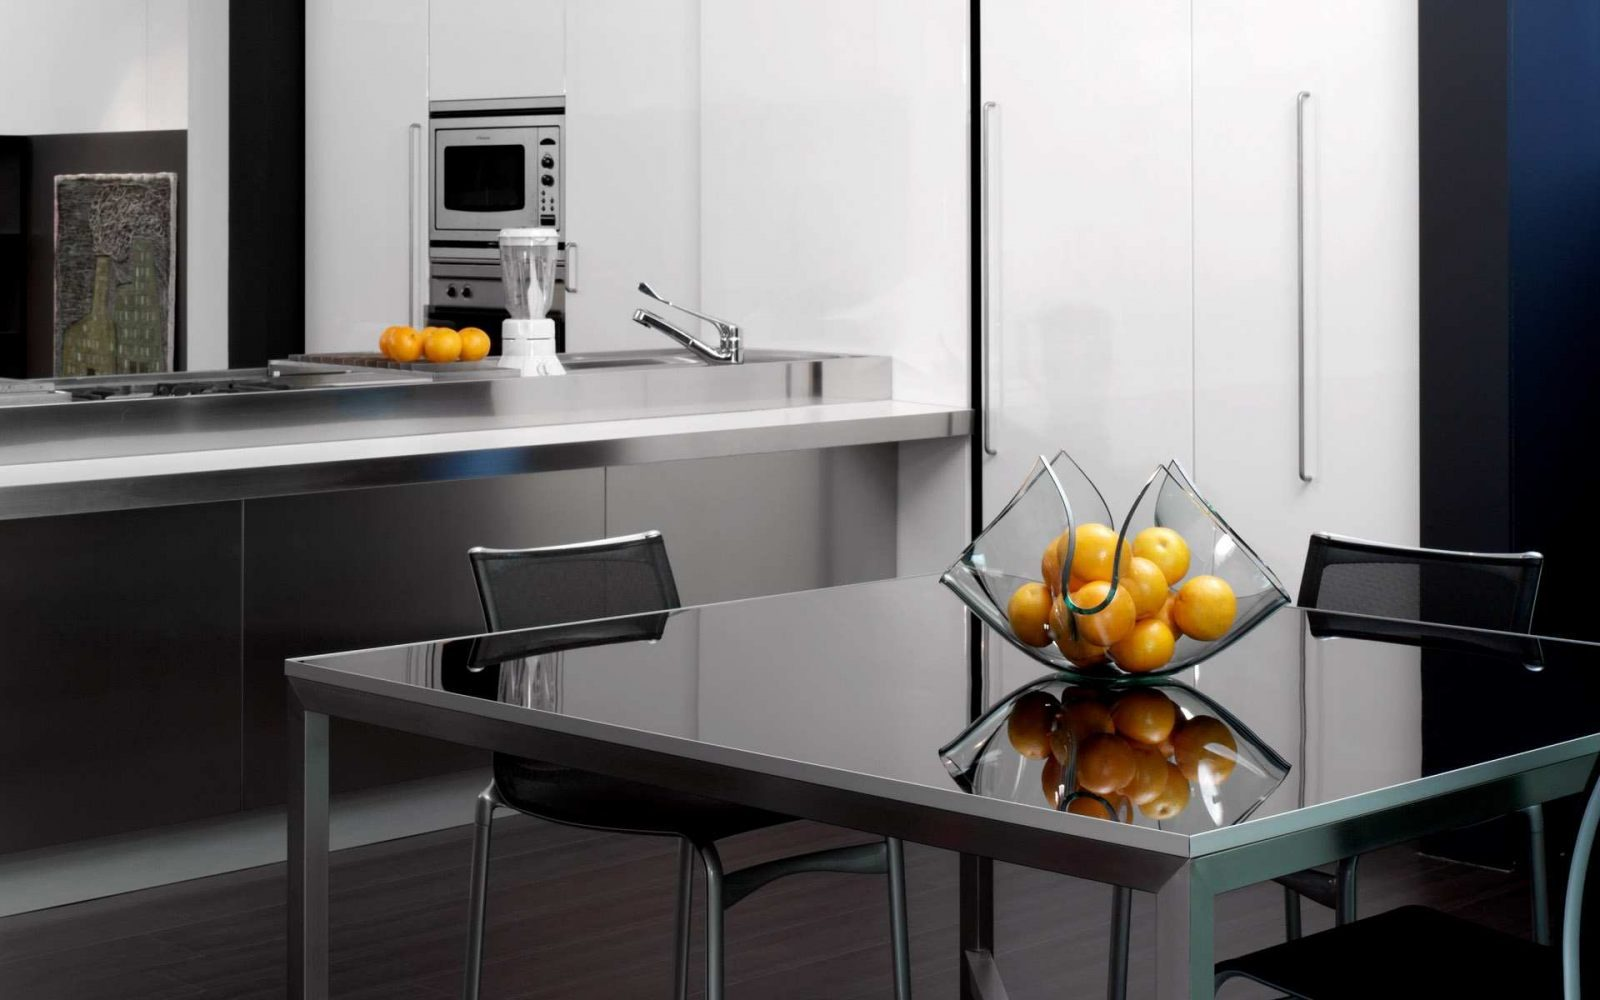 Mesa de cocina de cristal im genes y fotos - Cocinas de cristal ...